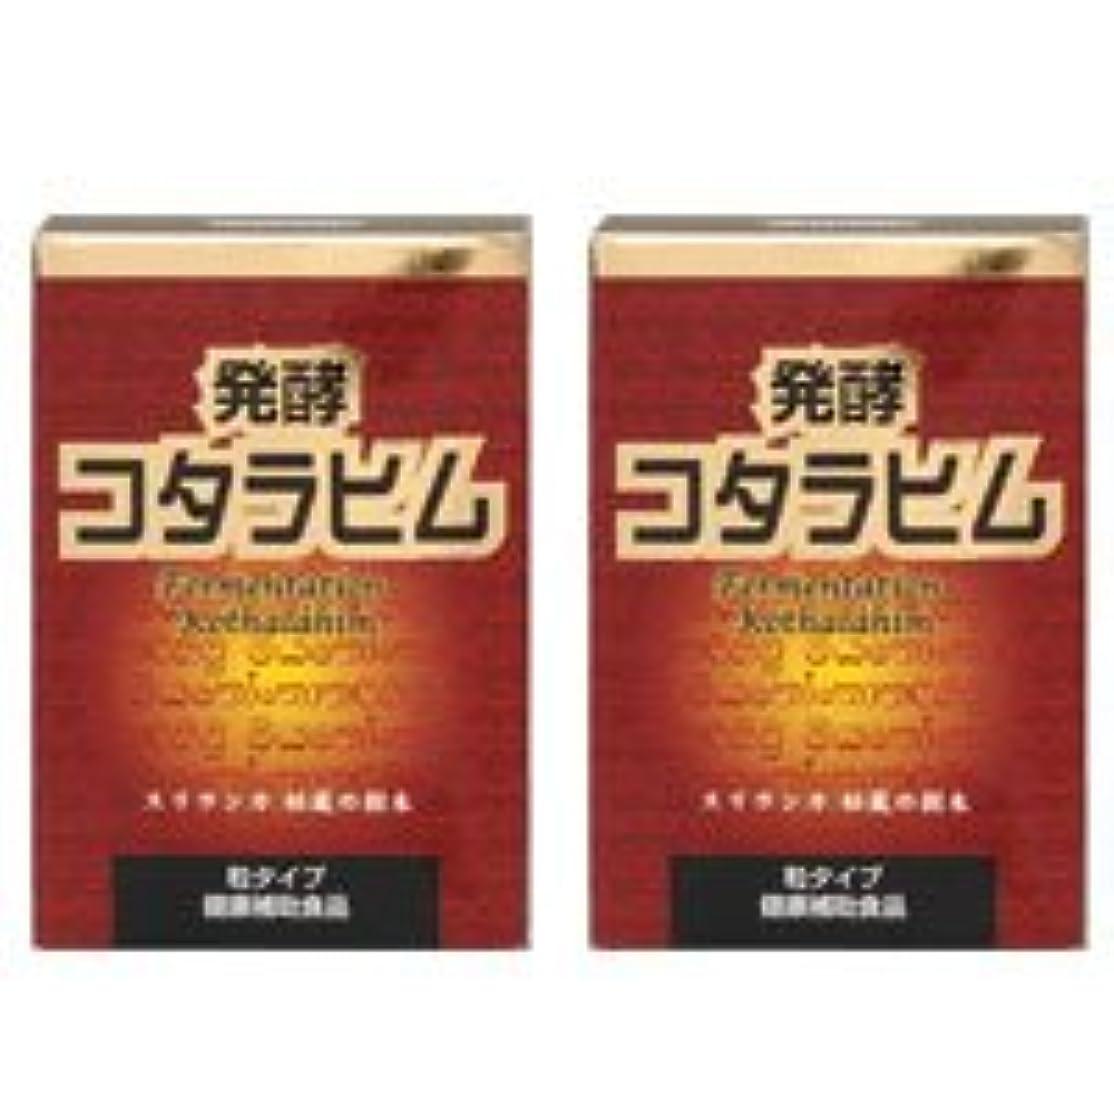 開拓者悪党注入発酵コタラヒム2個セット【糖を変化させるコタラヒム】